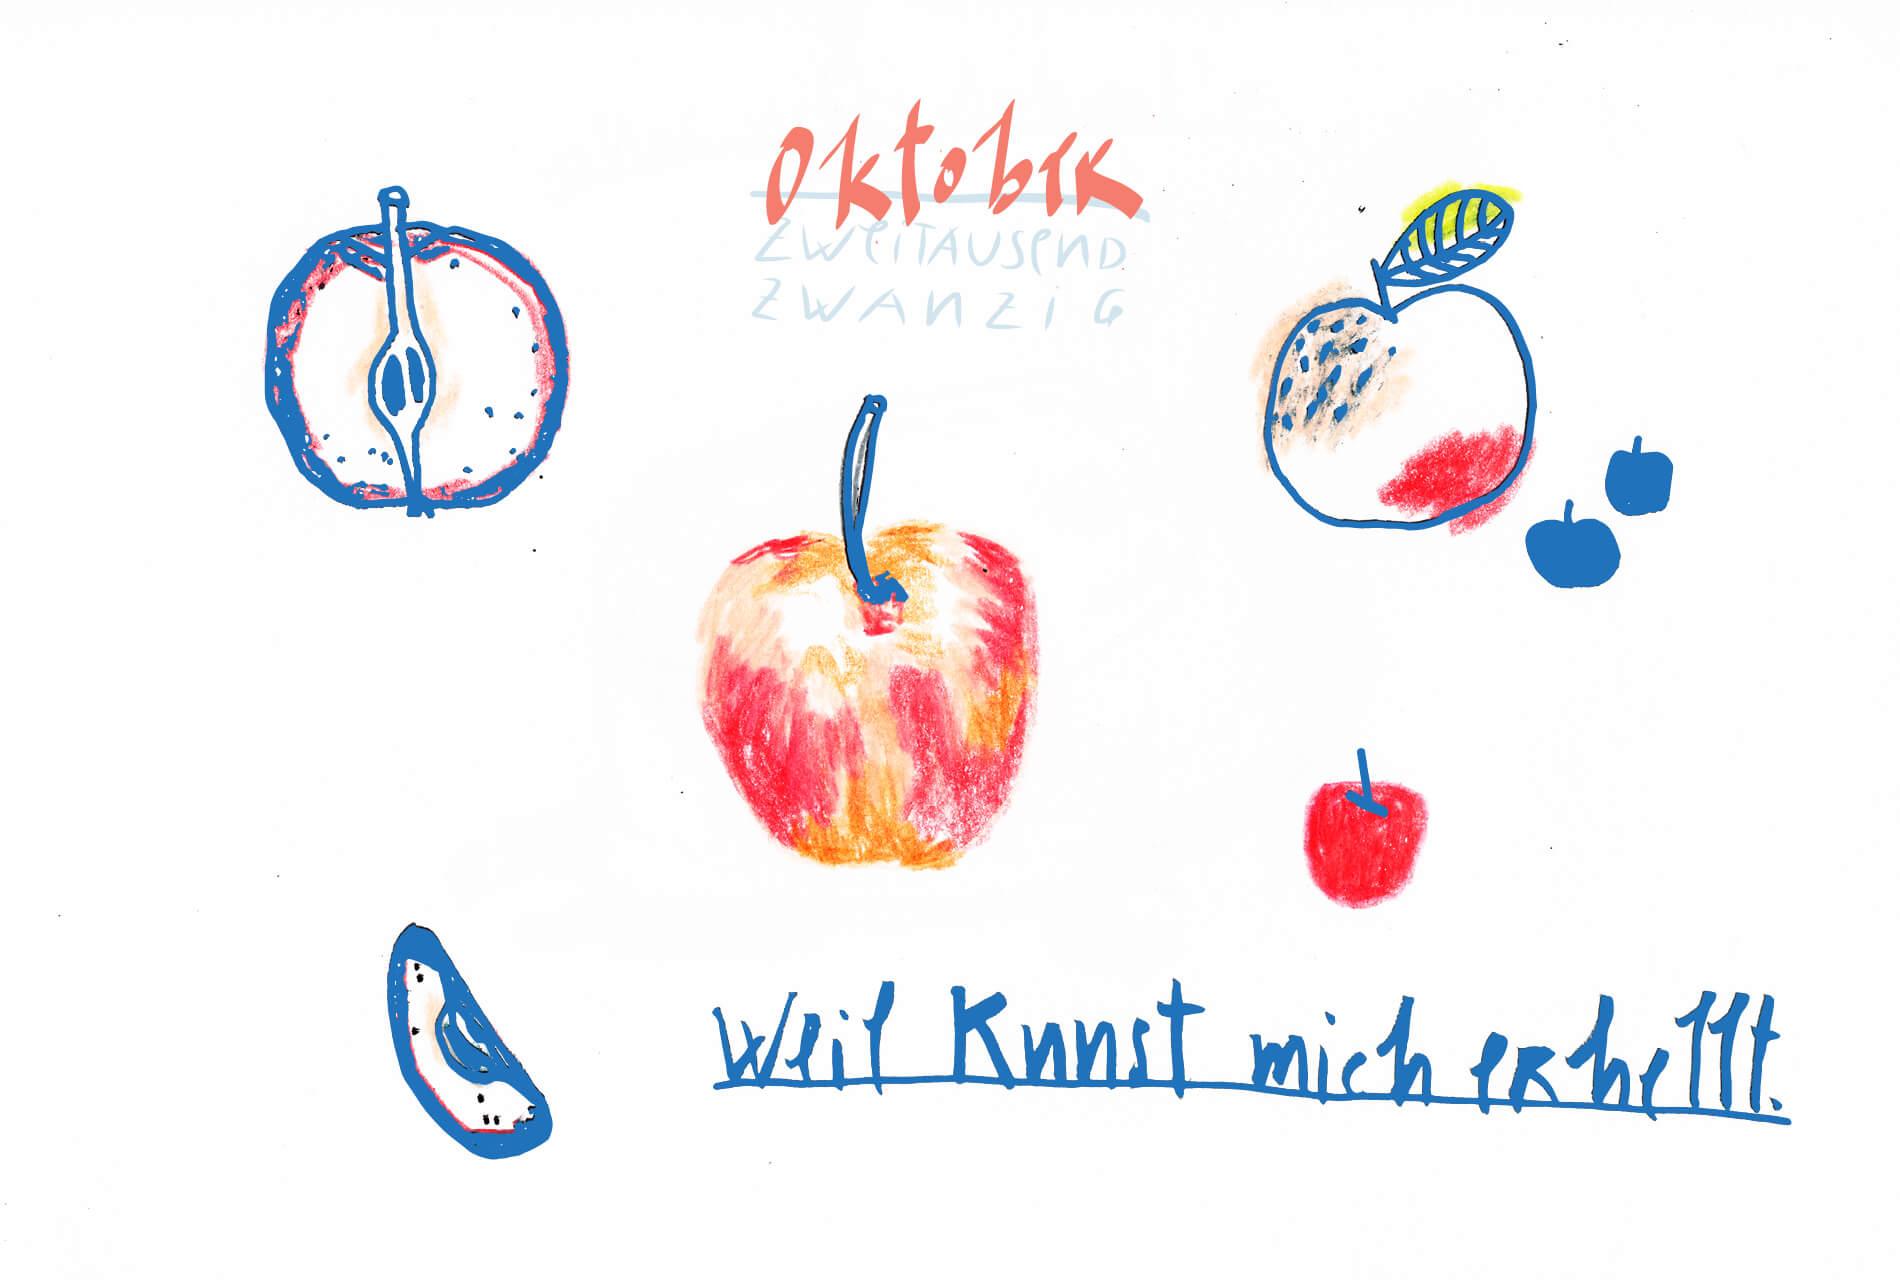 Matrosenhunde Illustration Zeichnung Illustratorin Text Prosa Monatskalender Oktober, weil kunst mich erhellt